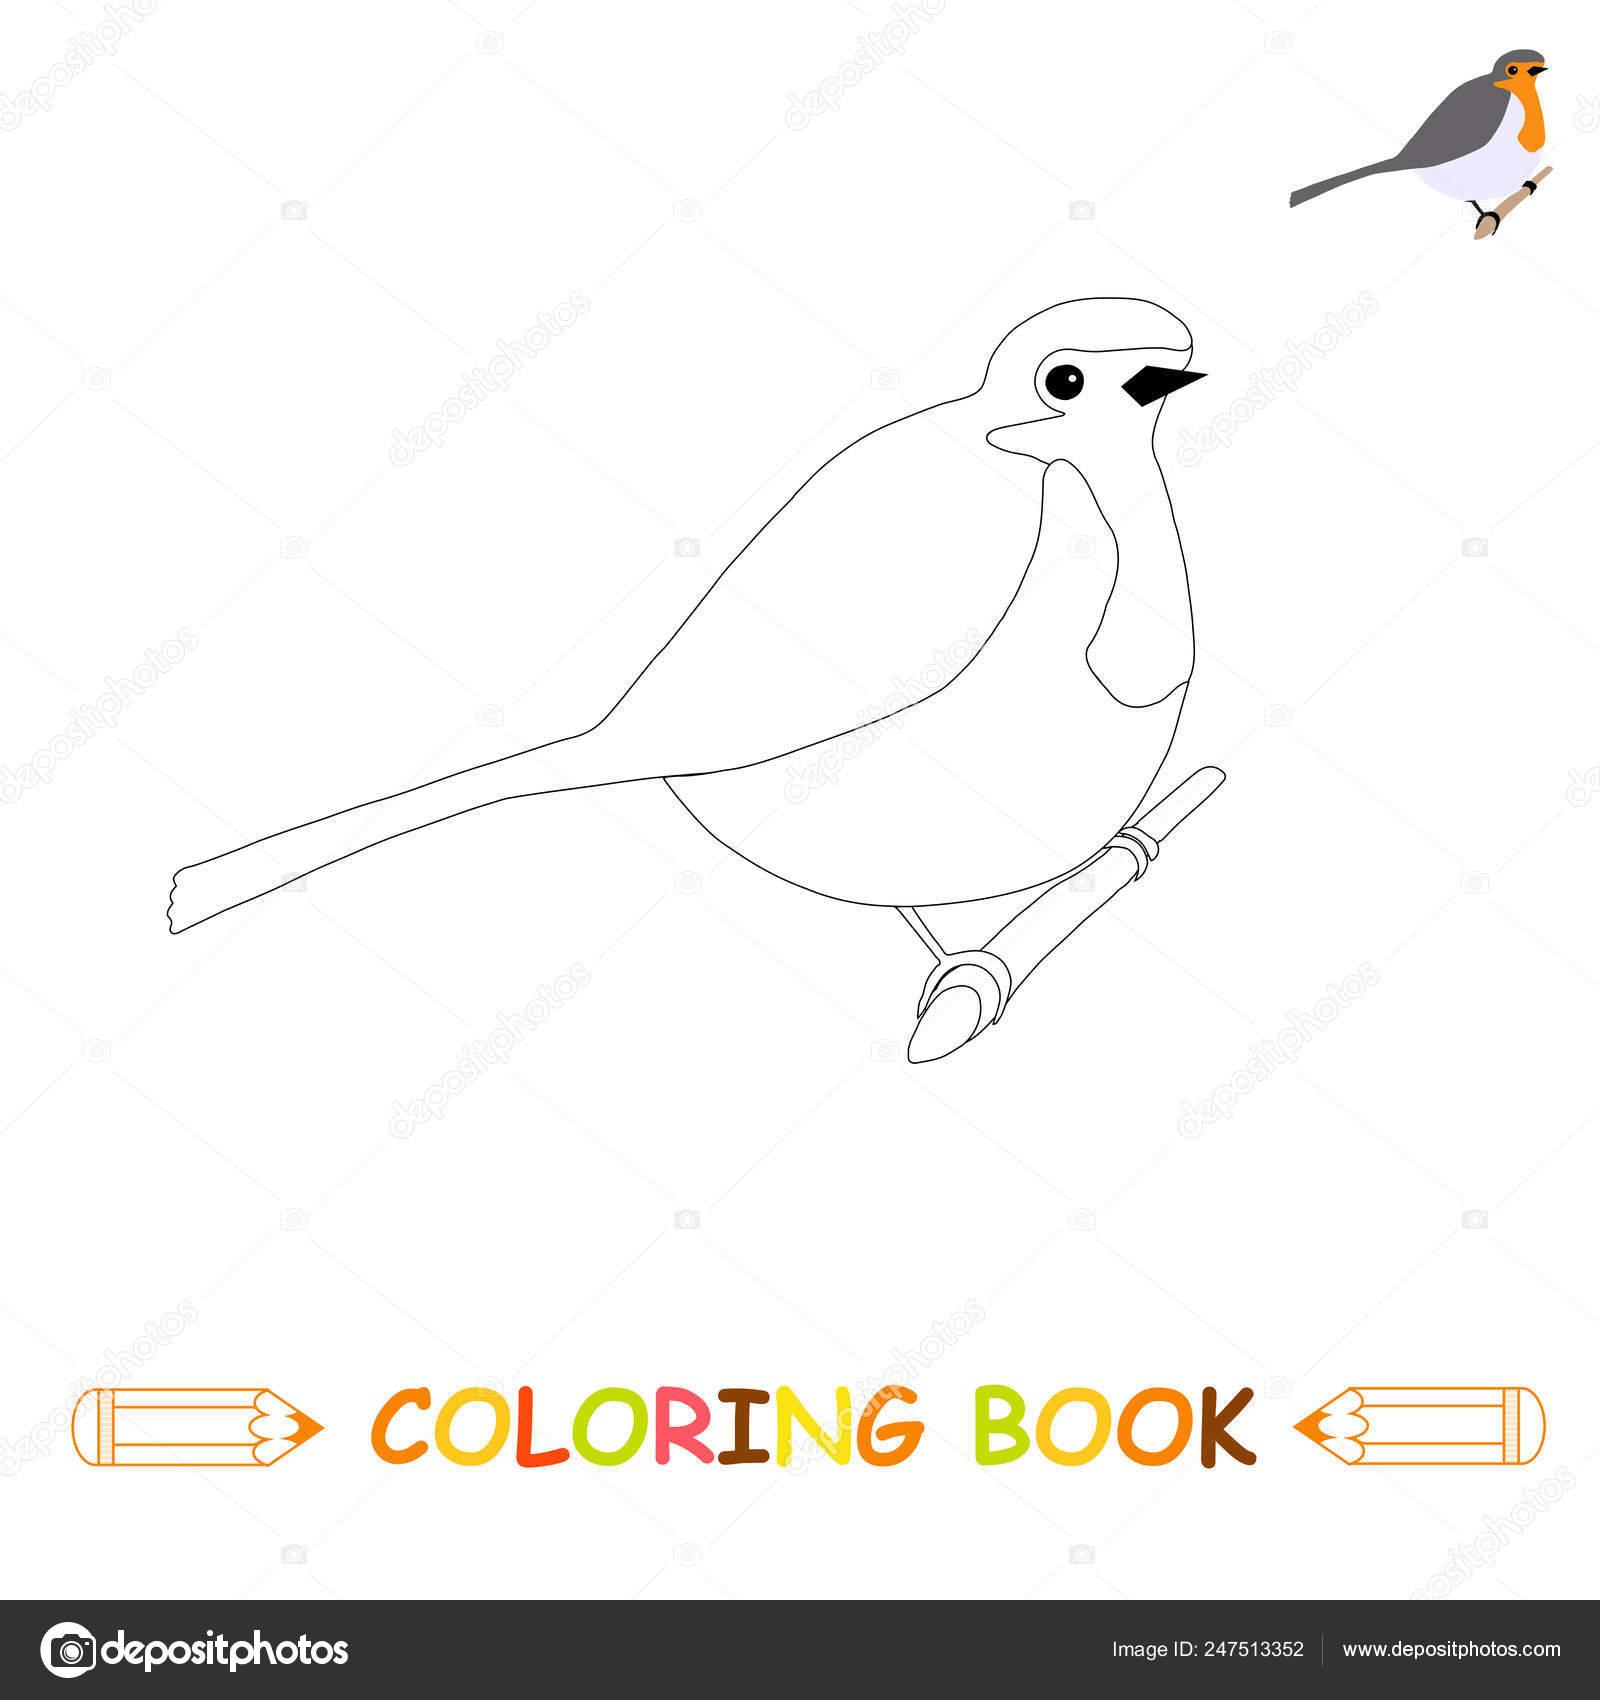 Sayfa Boyama Cocuk Resim Siyah Beyaz Renkli Versiyonu Kitap Boyama